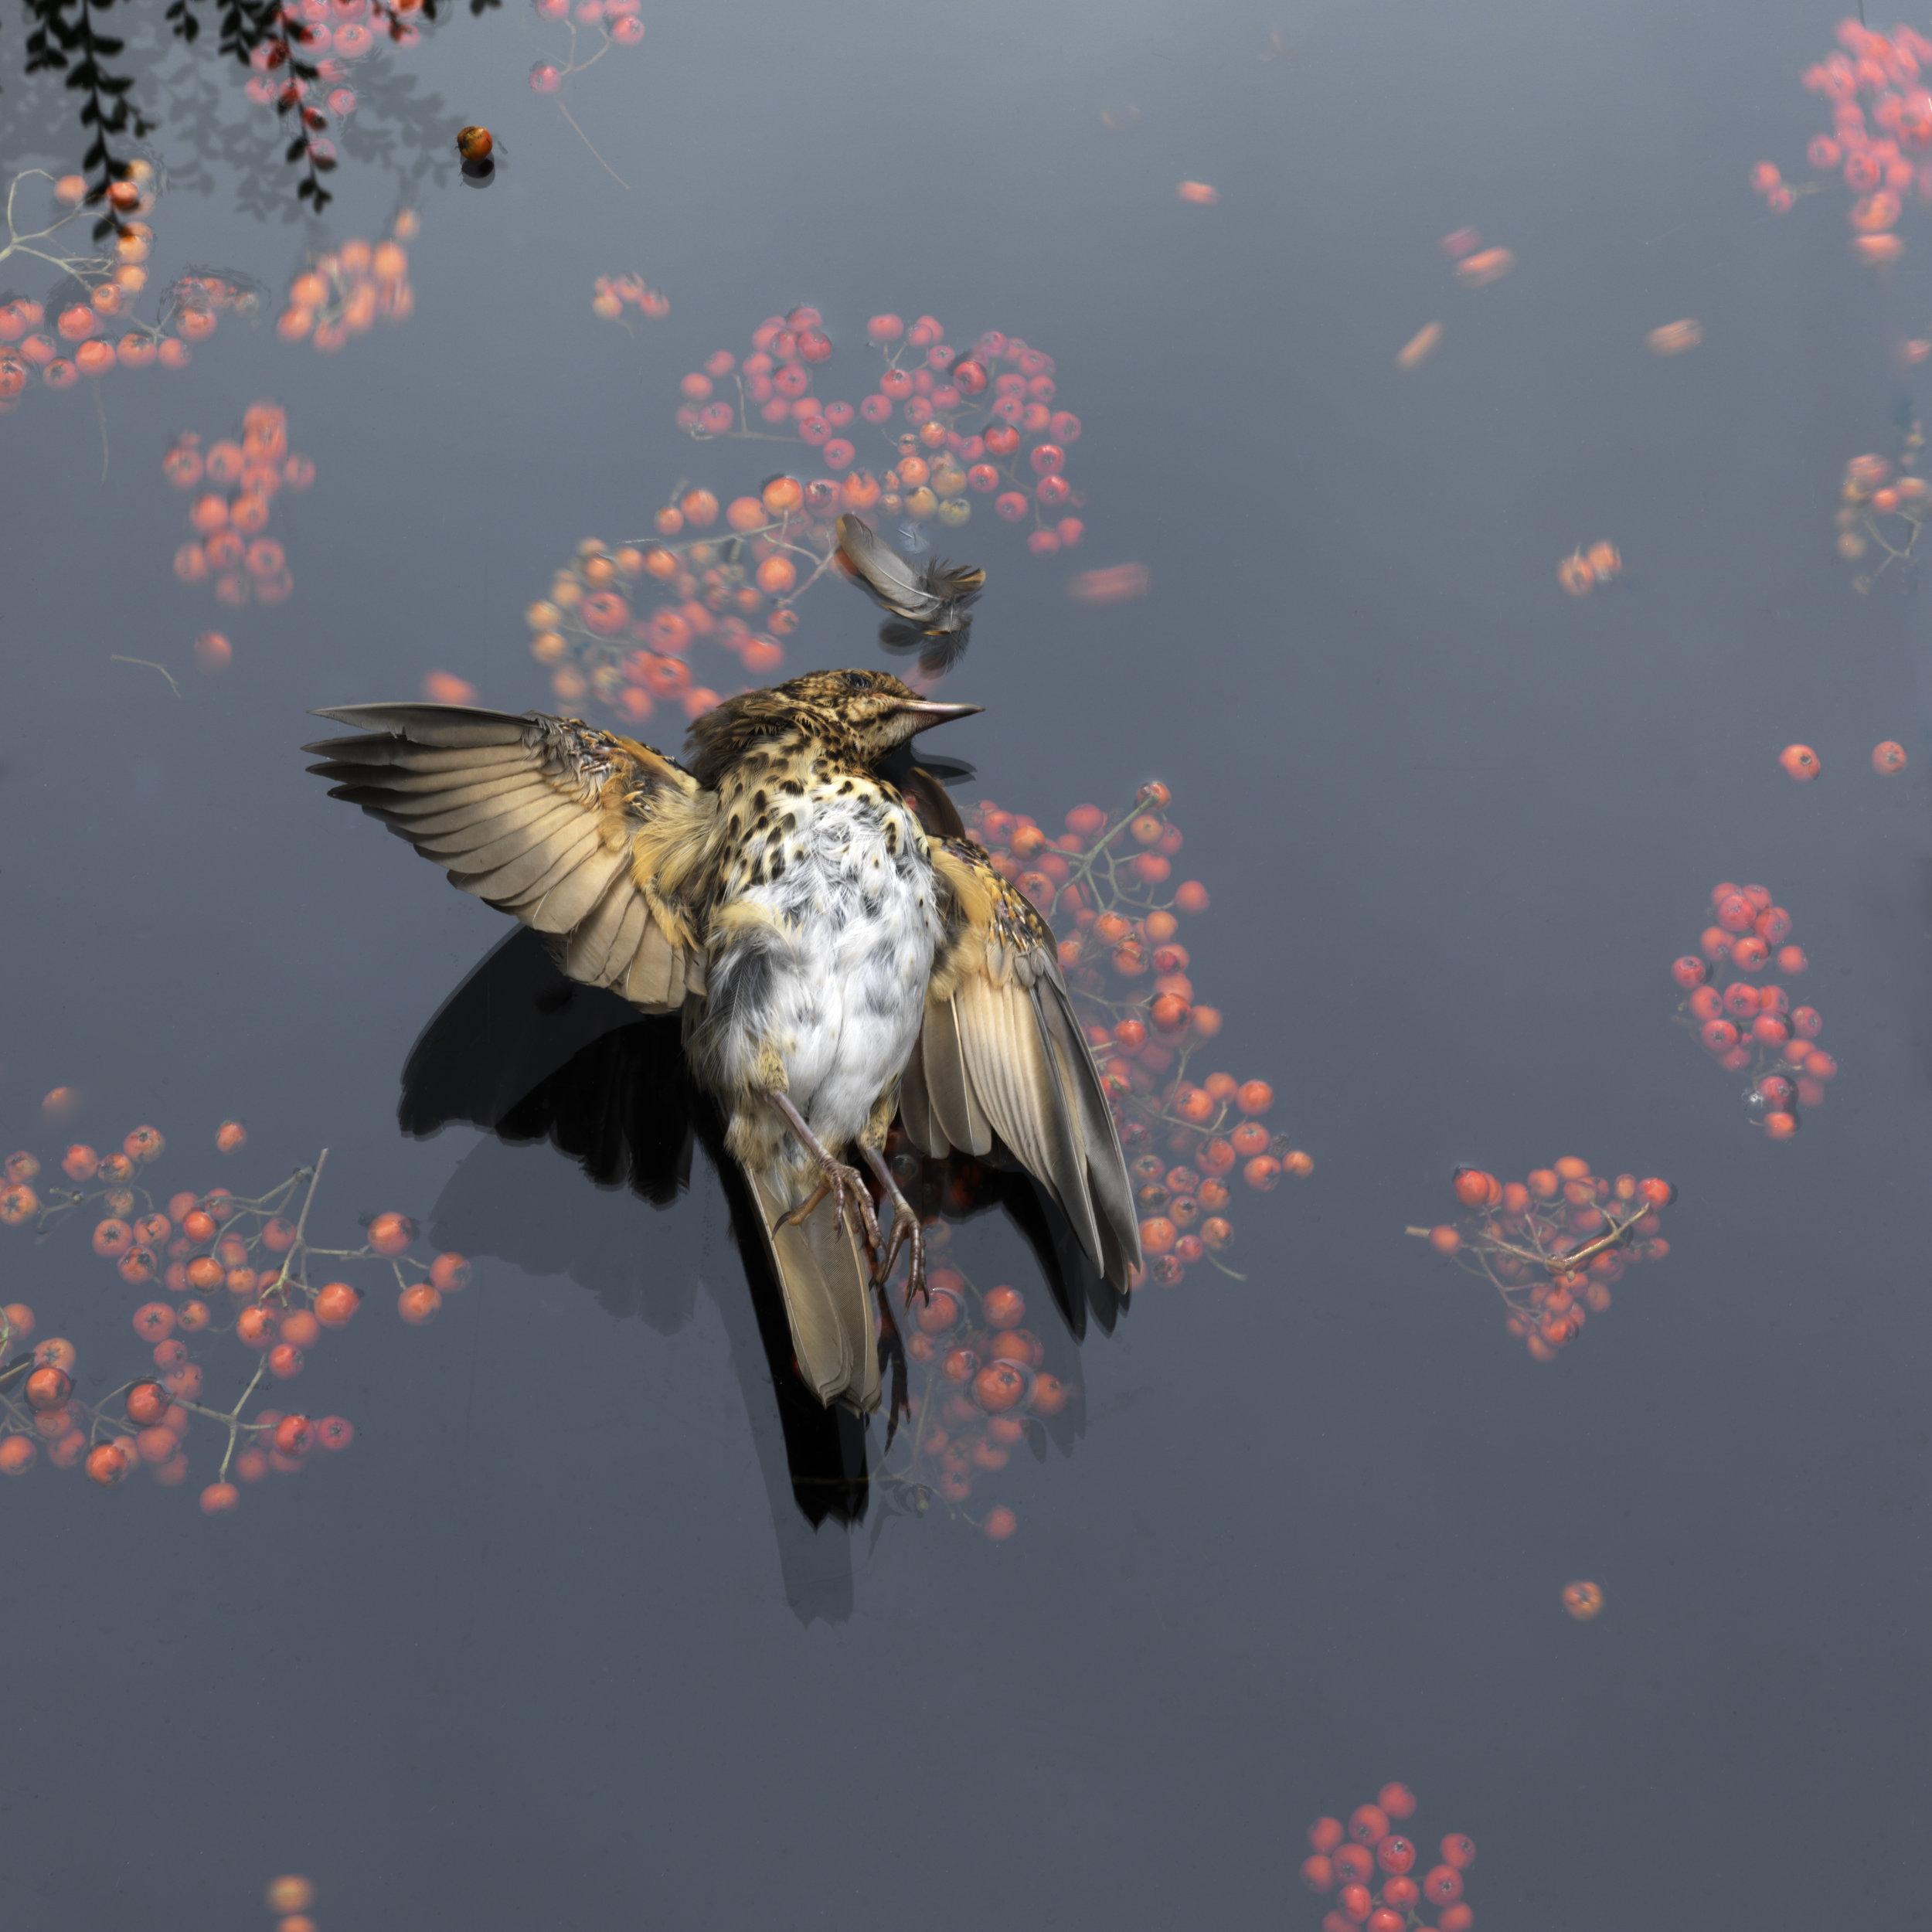 Gesturing Bird